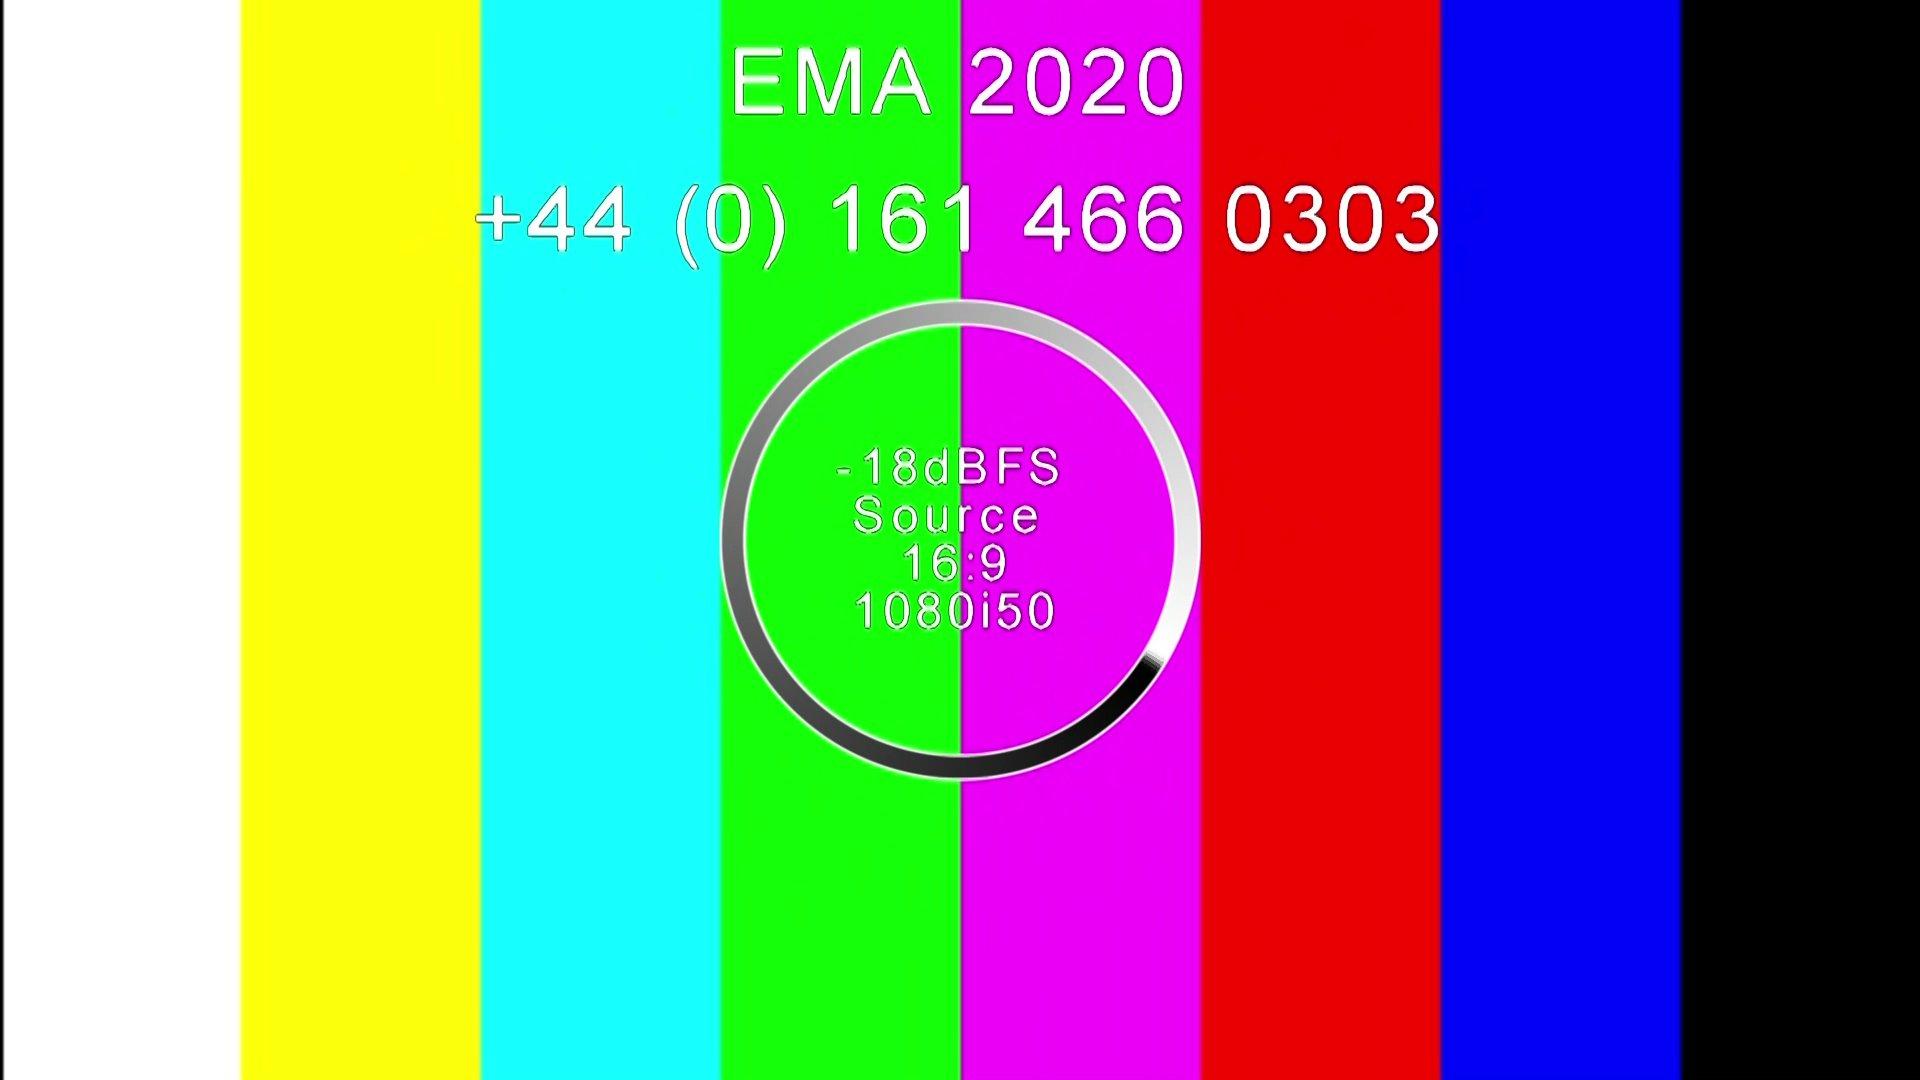 vlcsnap-2020-11-04-15h21m11s810.jpg